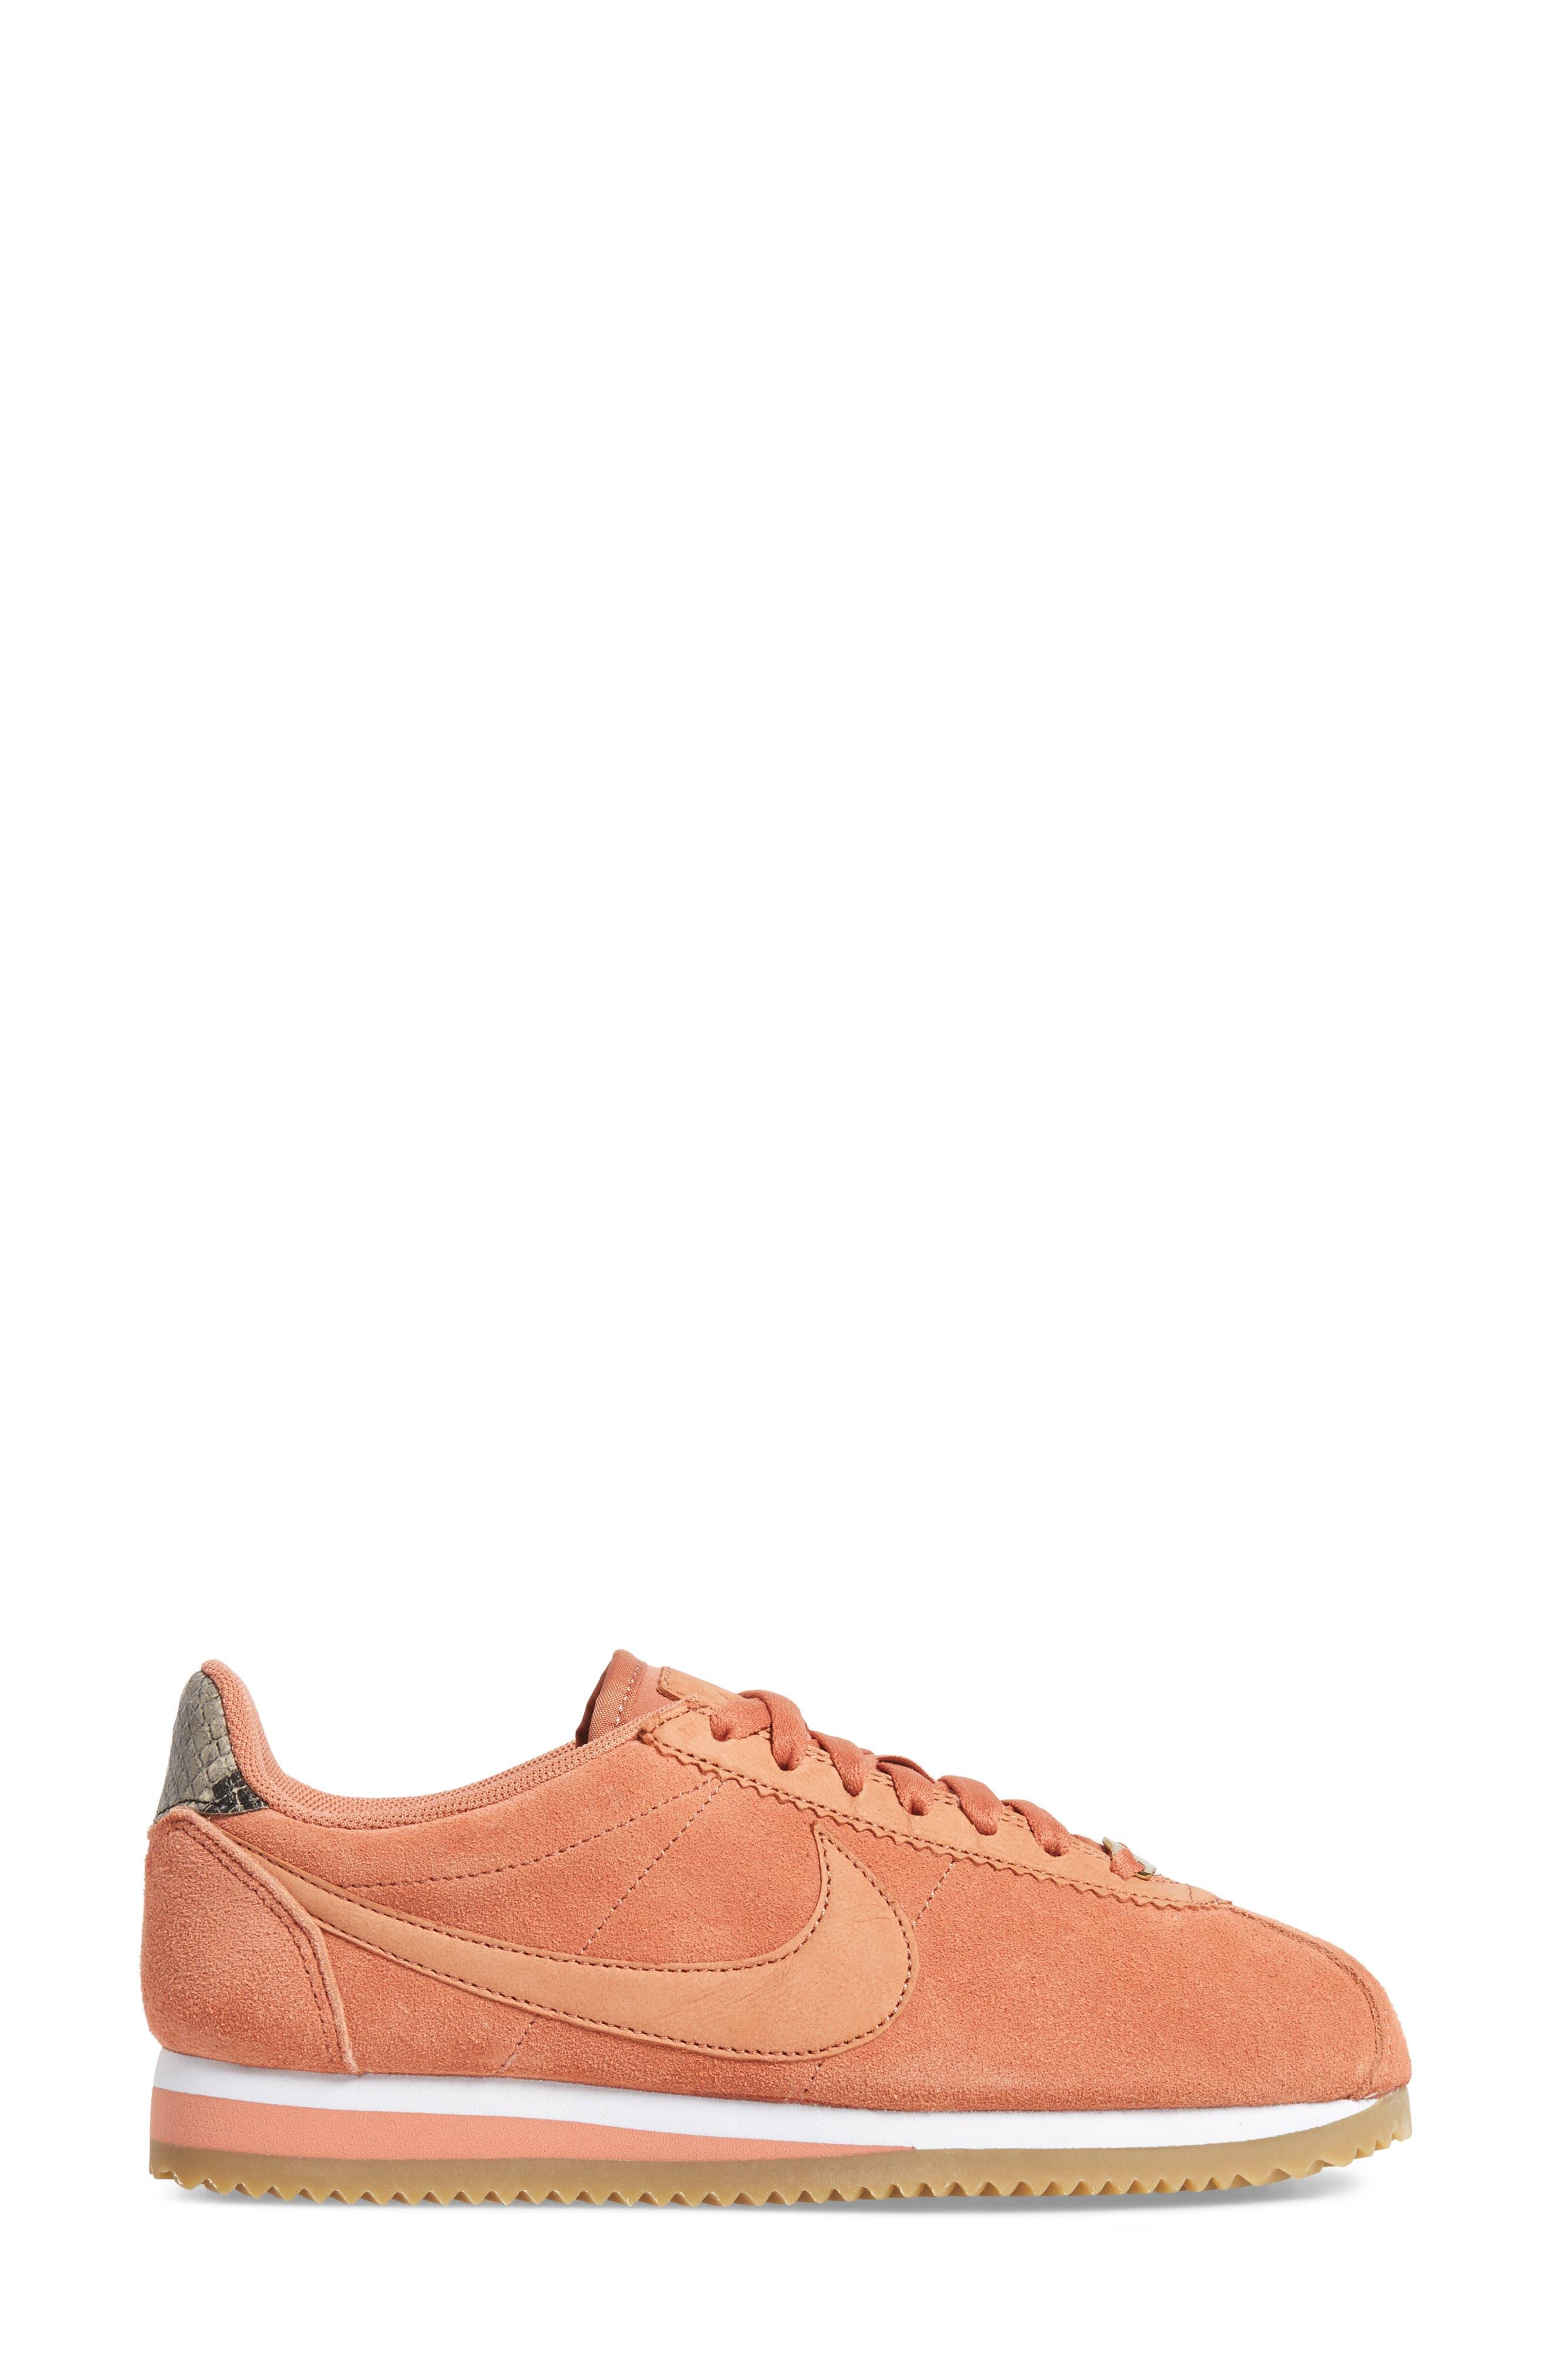 x A.L.C. Classic Cortez Sneaker,                             Alternate thumbnail 14, color,